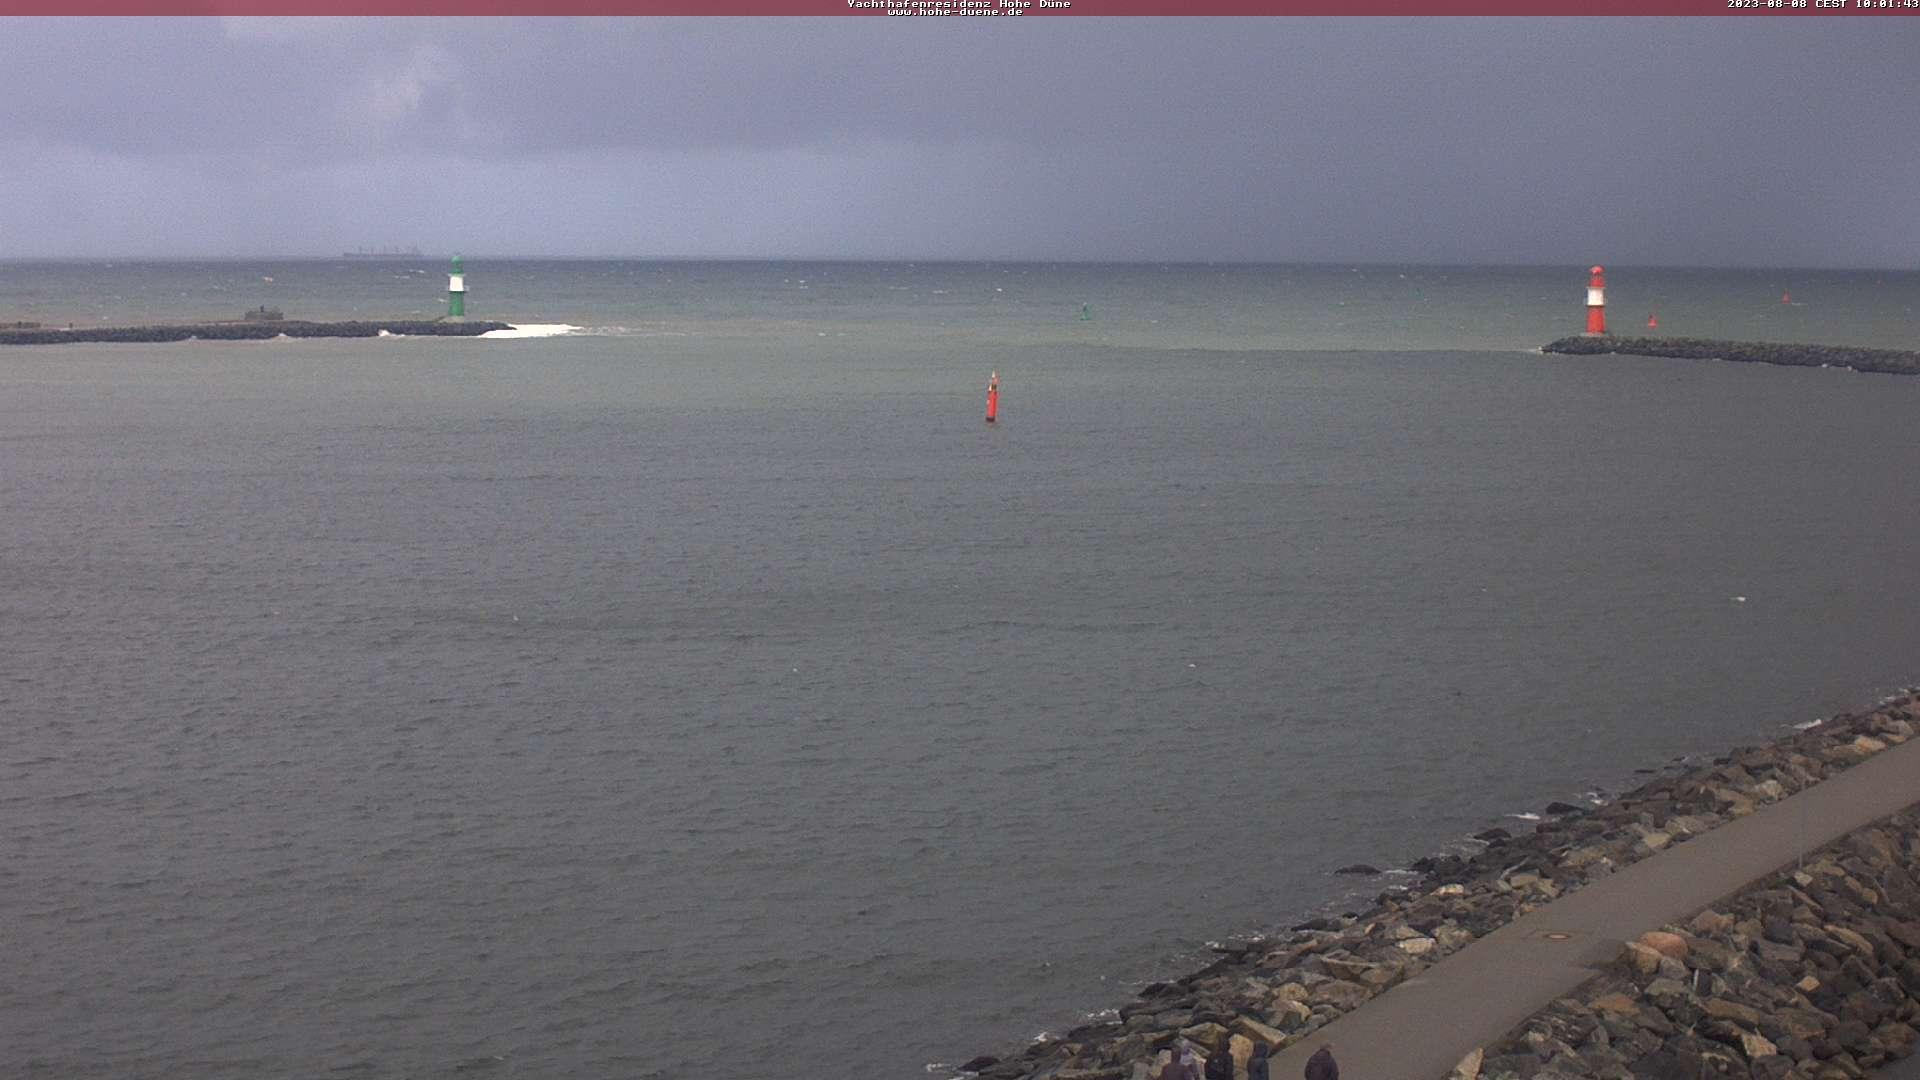 Webcam vom Dach der Yachthafen Residenz in Richtung Hafeneinfahrt